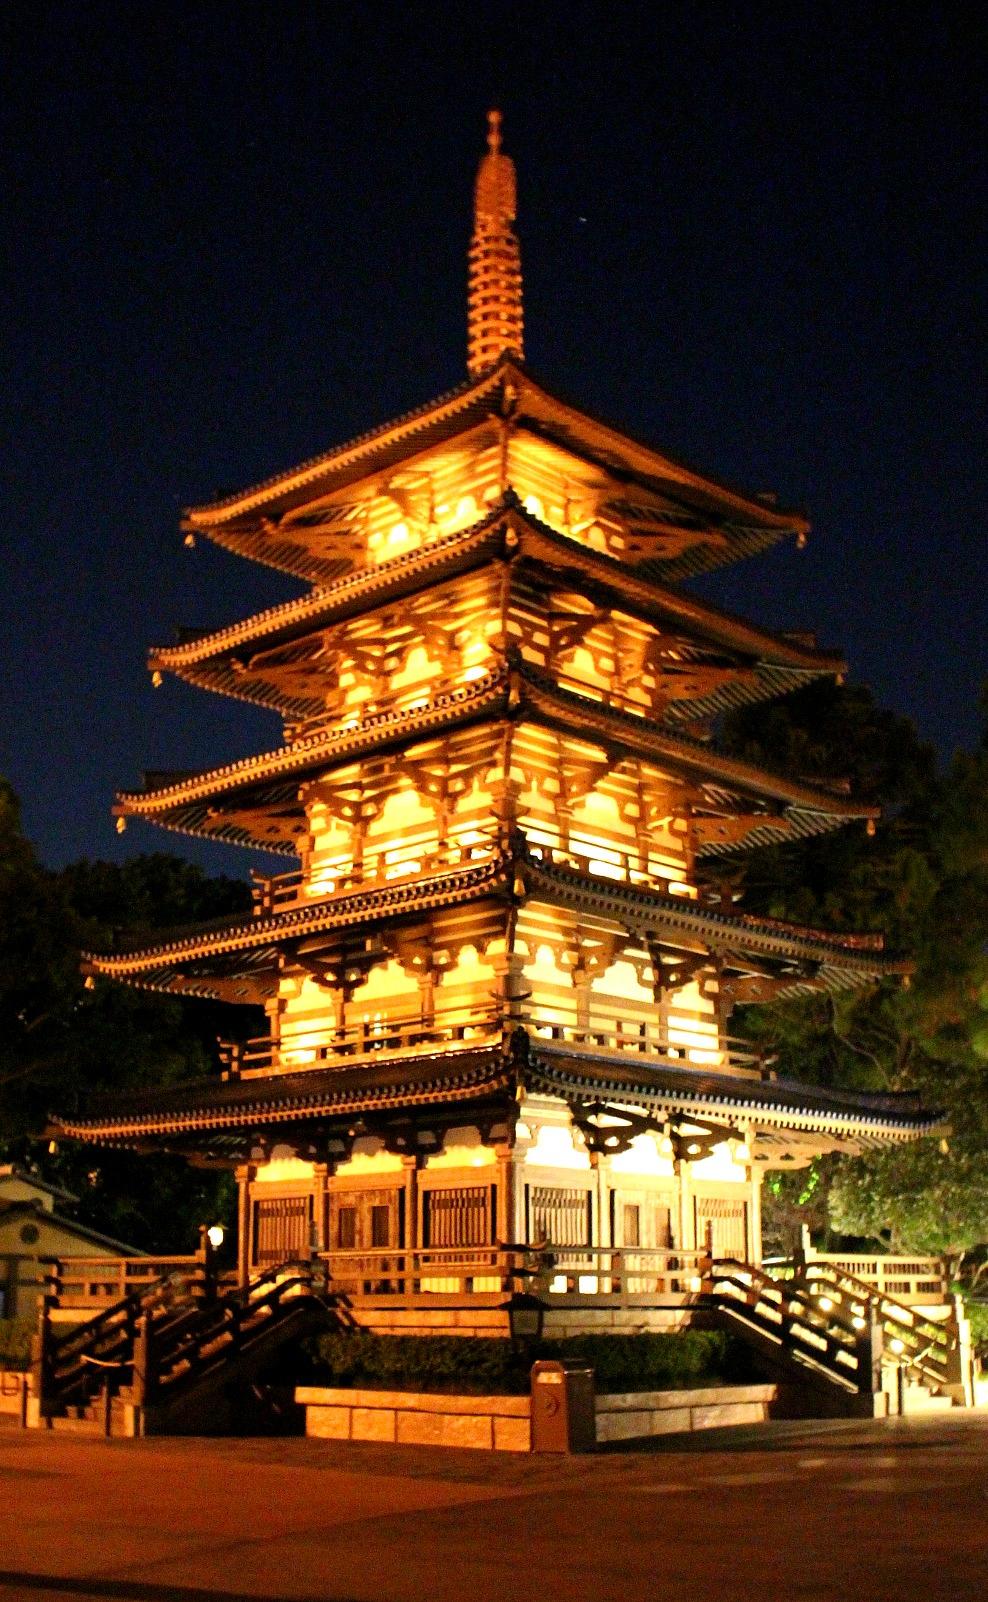 Japan Pavilion - Pagoda